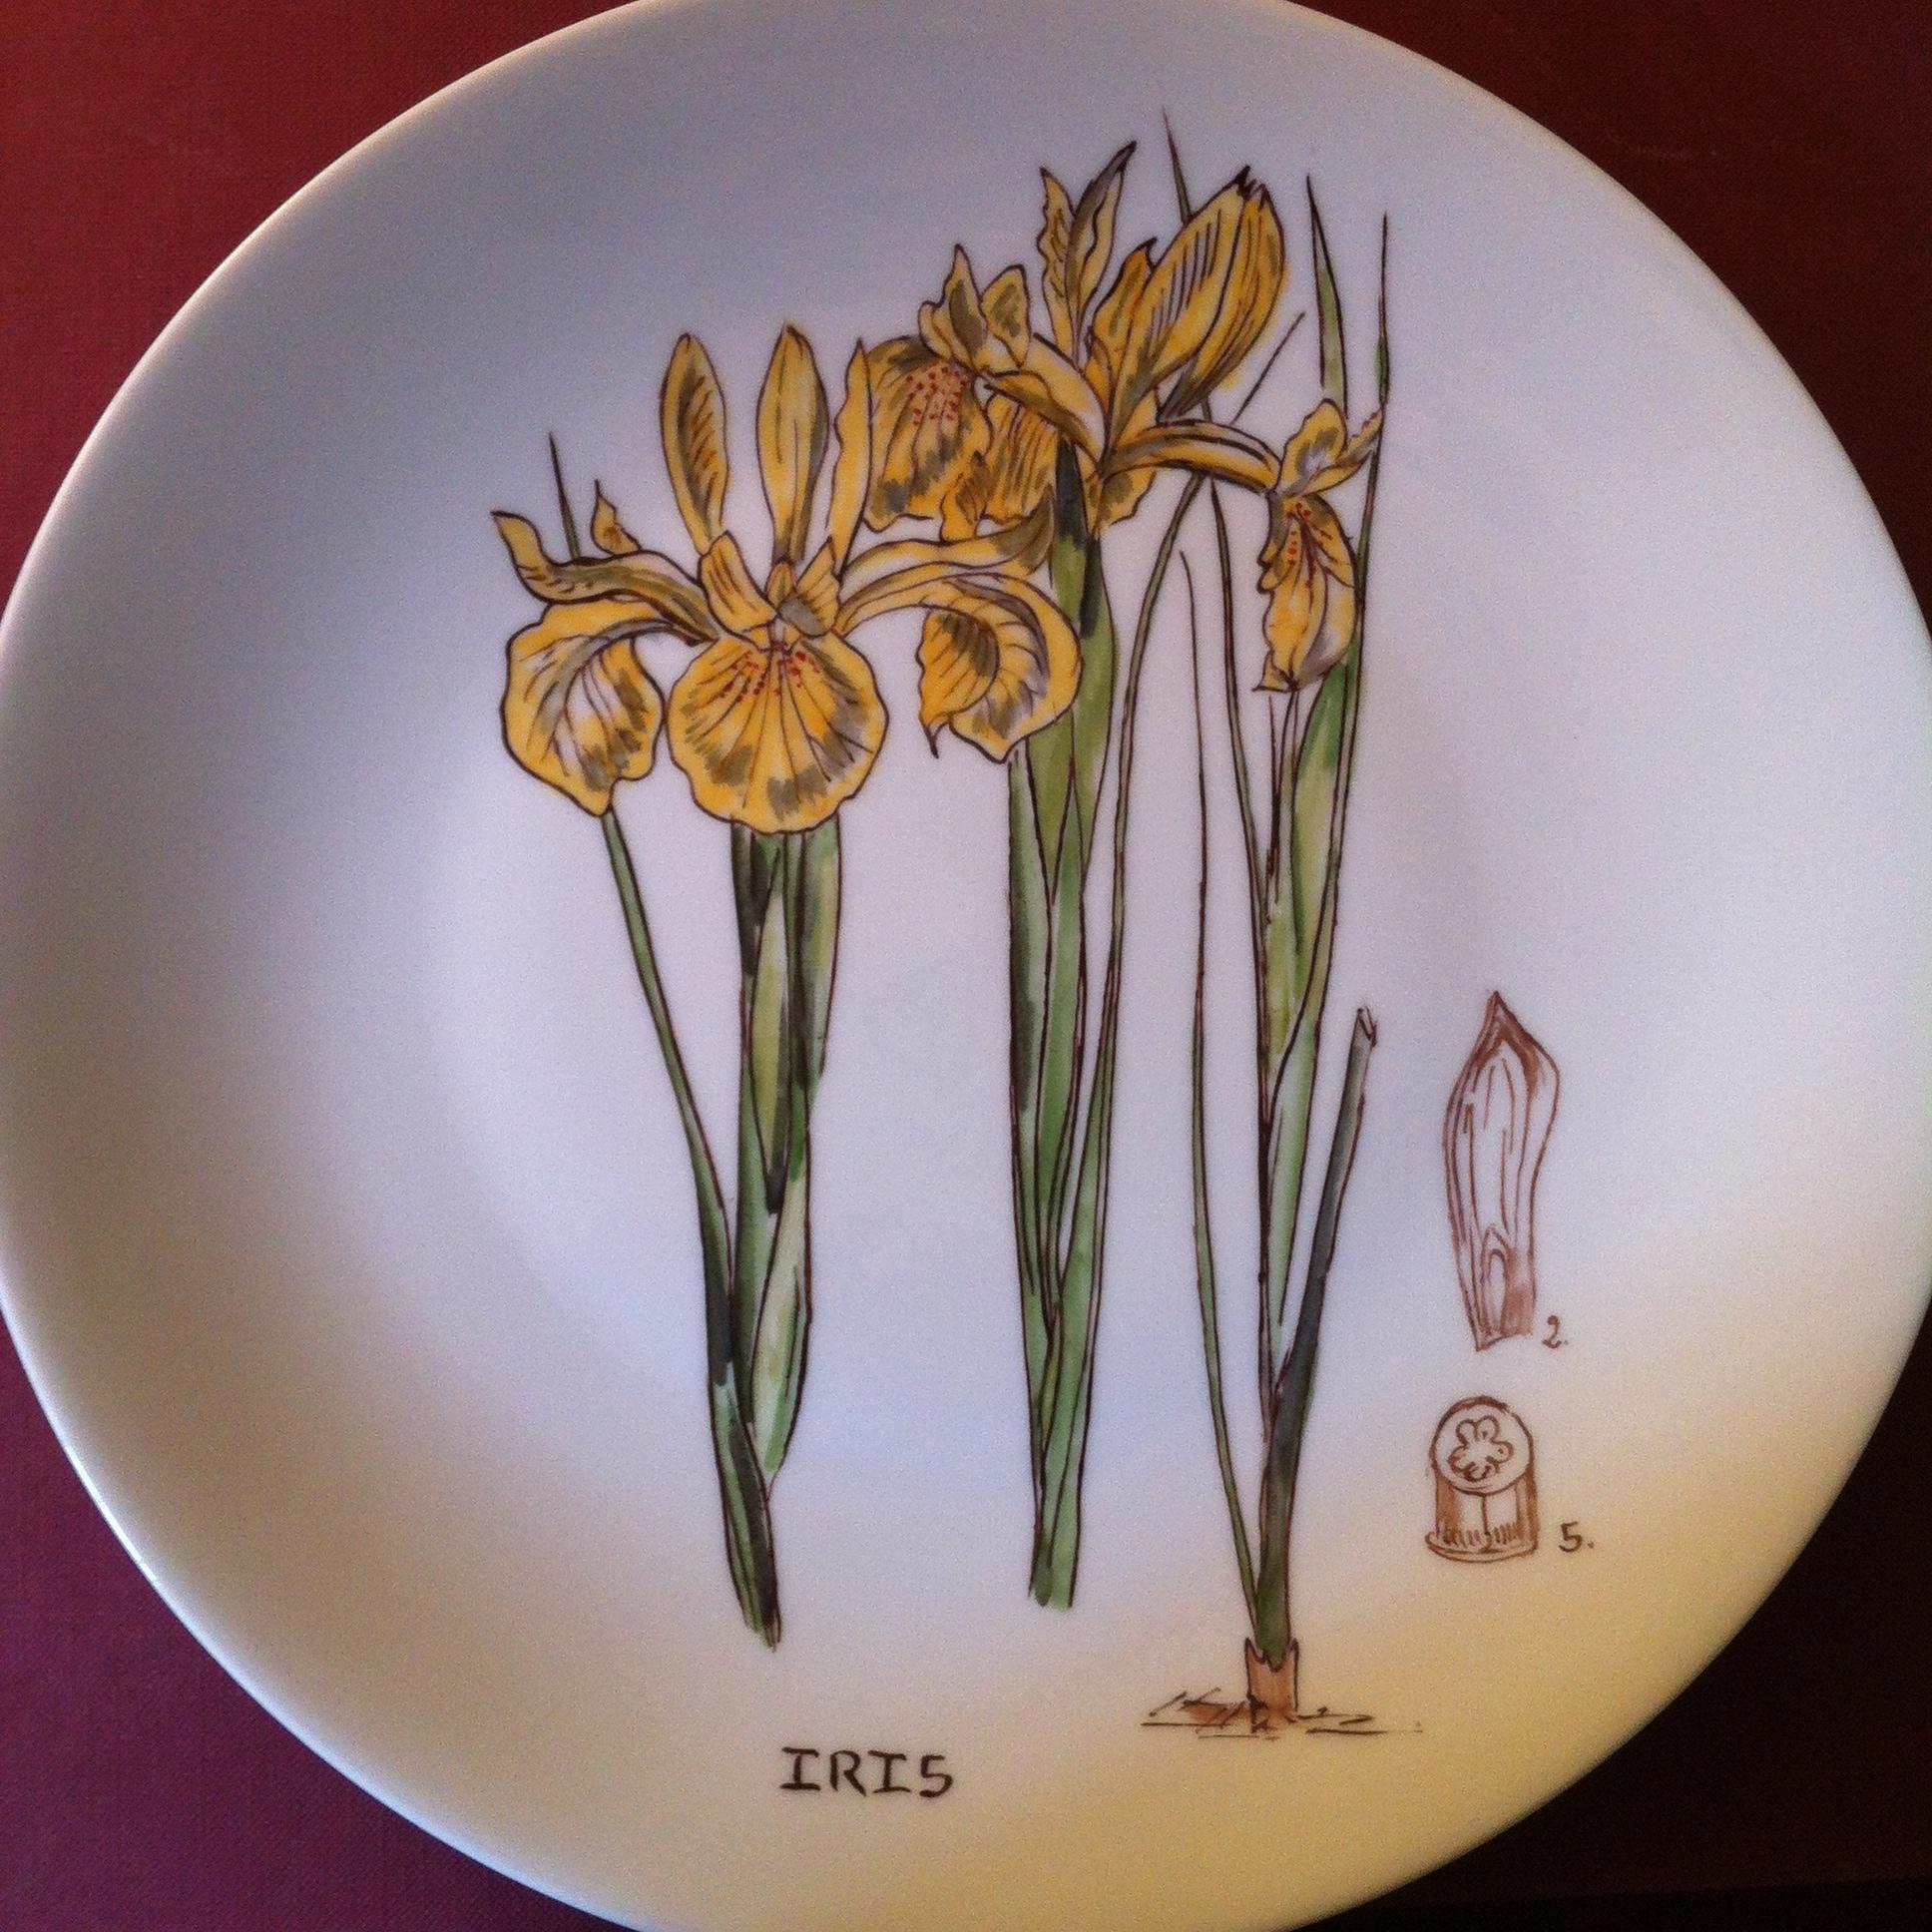 D 26 cm JARDINS ROYAUX DE KEW